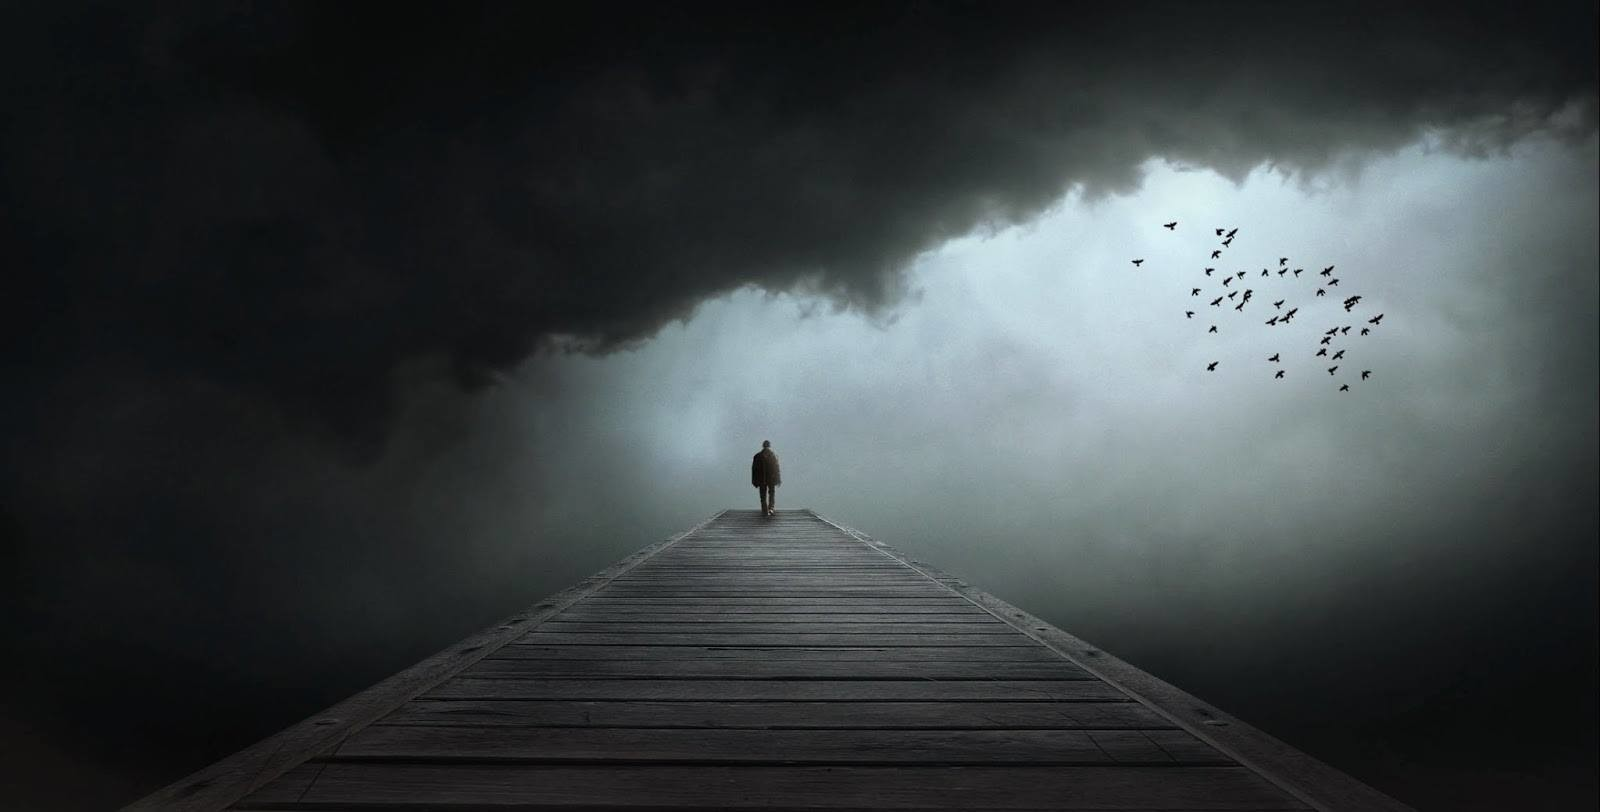 başkalarının istekleri doğrultusunda yaşamak sadece size değil çevrenizdekilere de zarar verir.